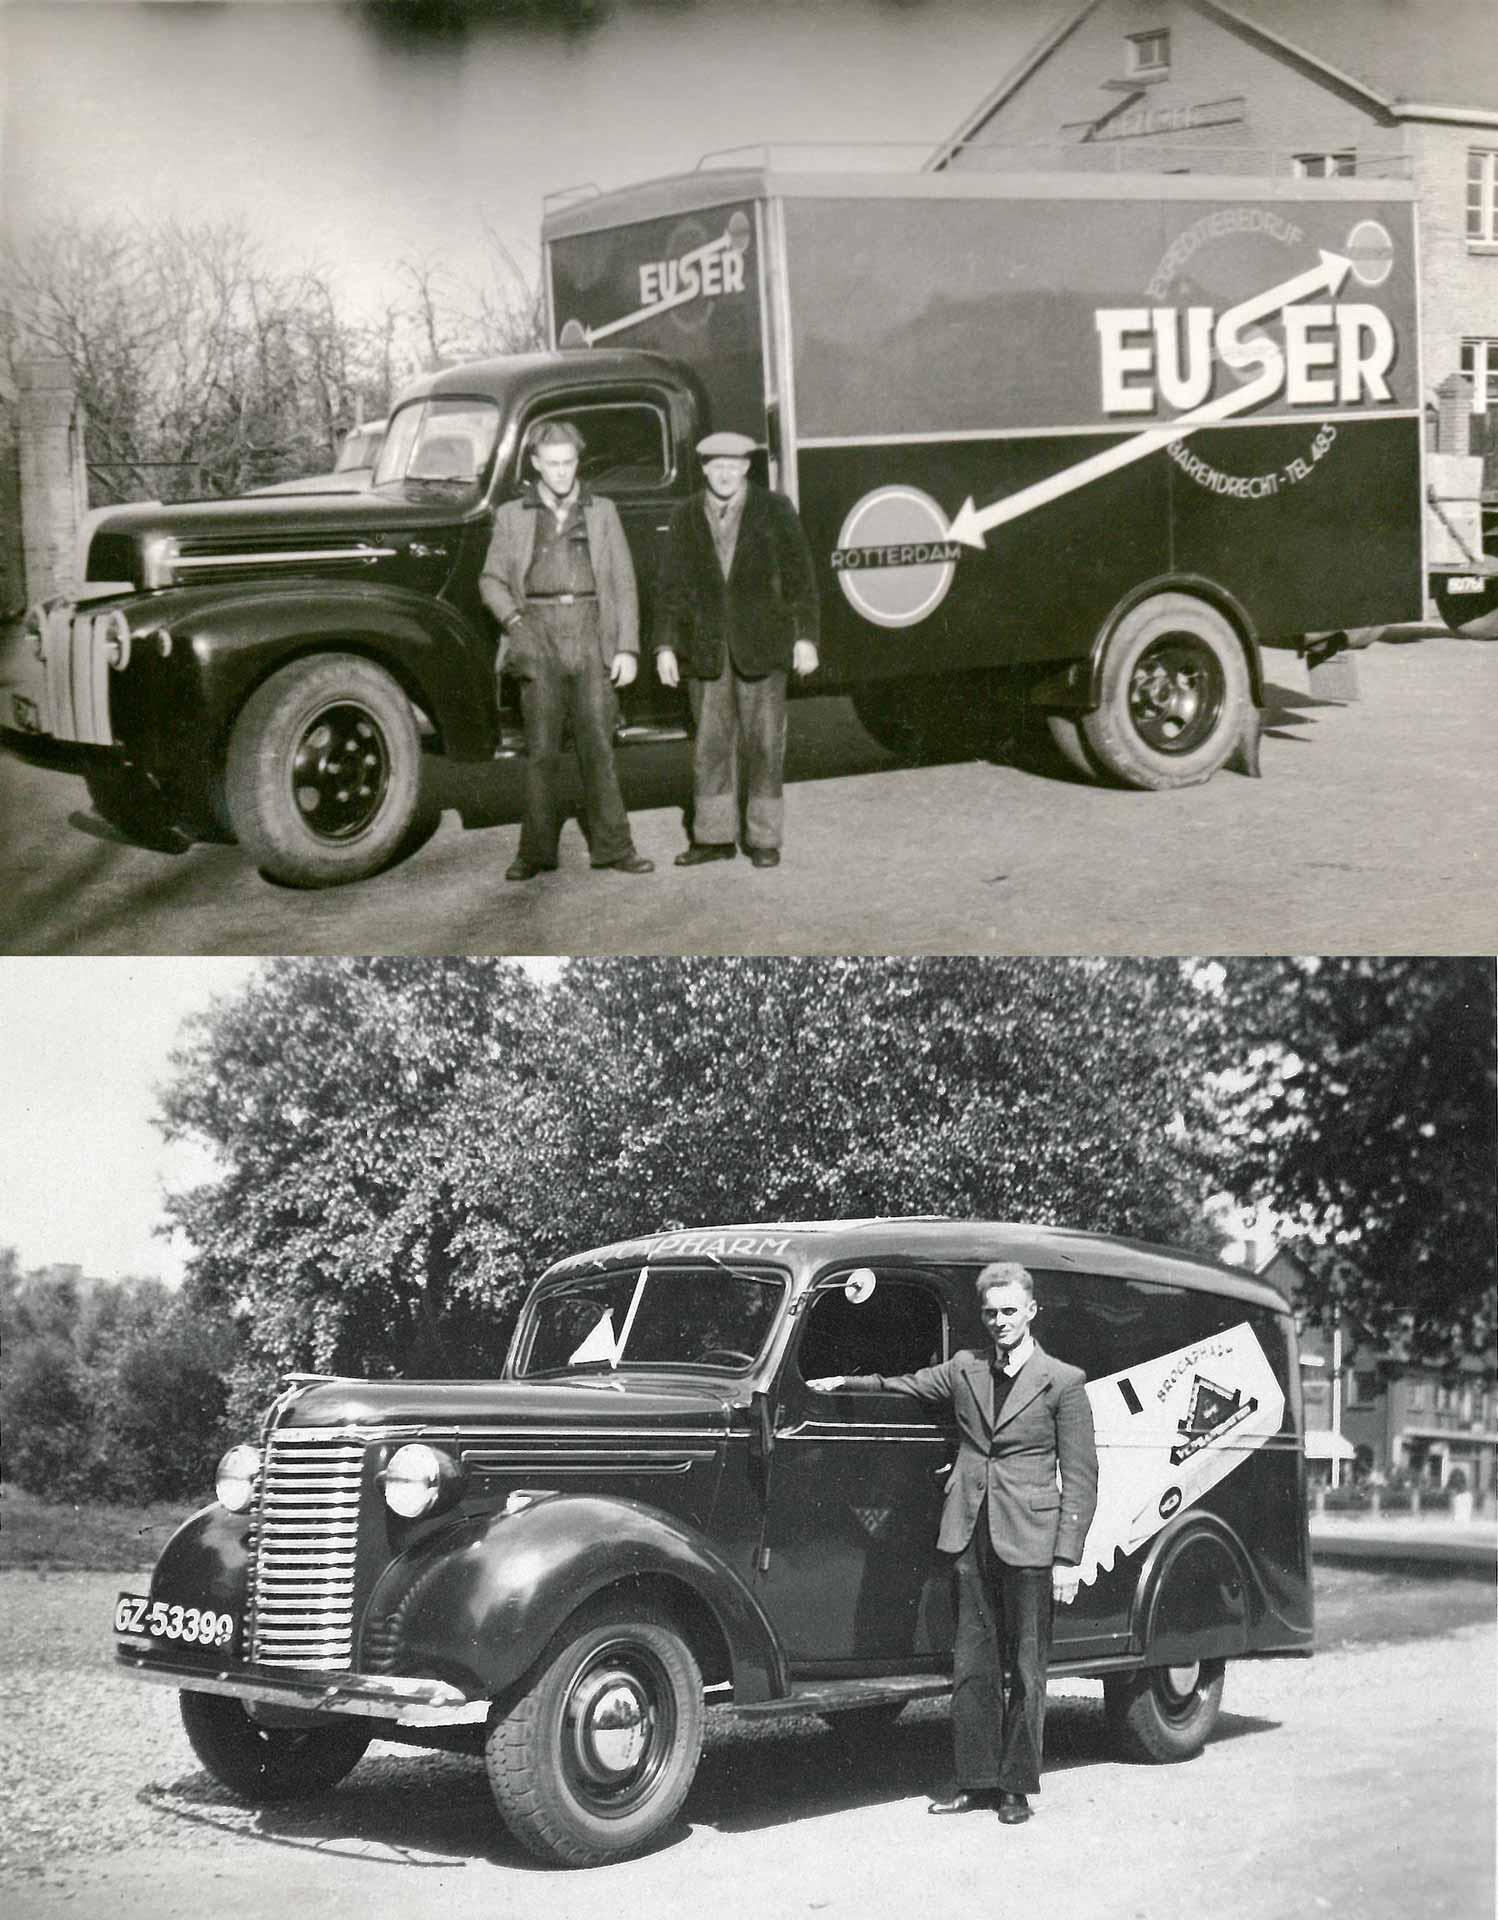 https://www.euser.nl/wp-content/uploads/2019/04/Euser-Jubilium-6.jpg